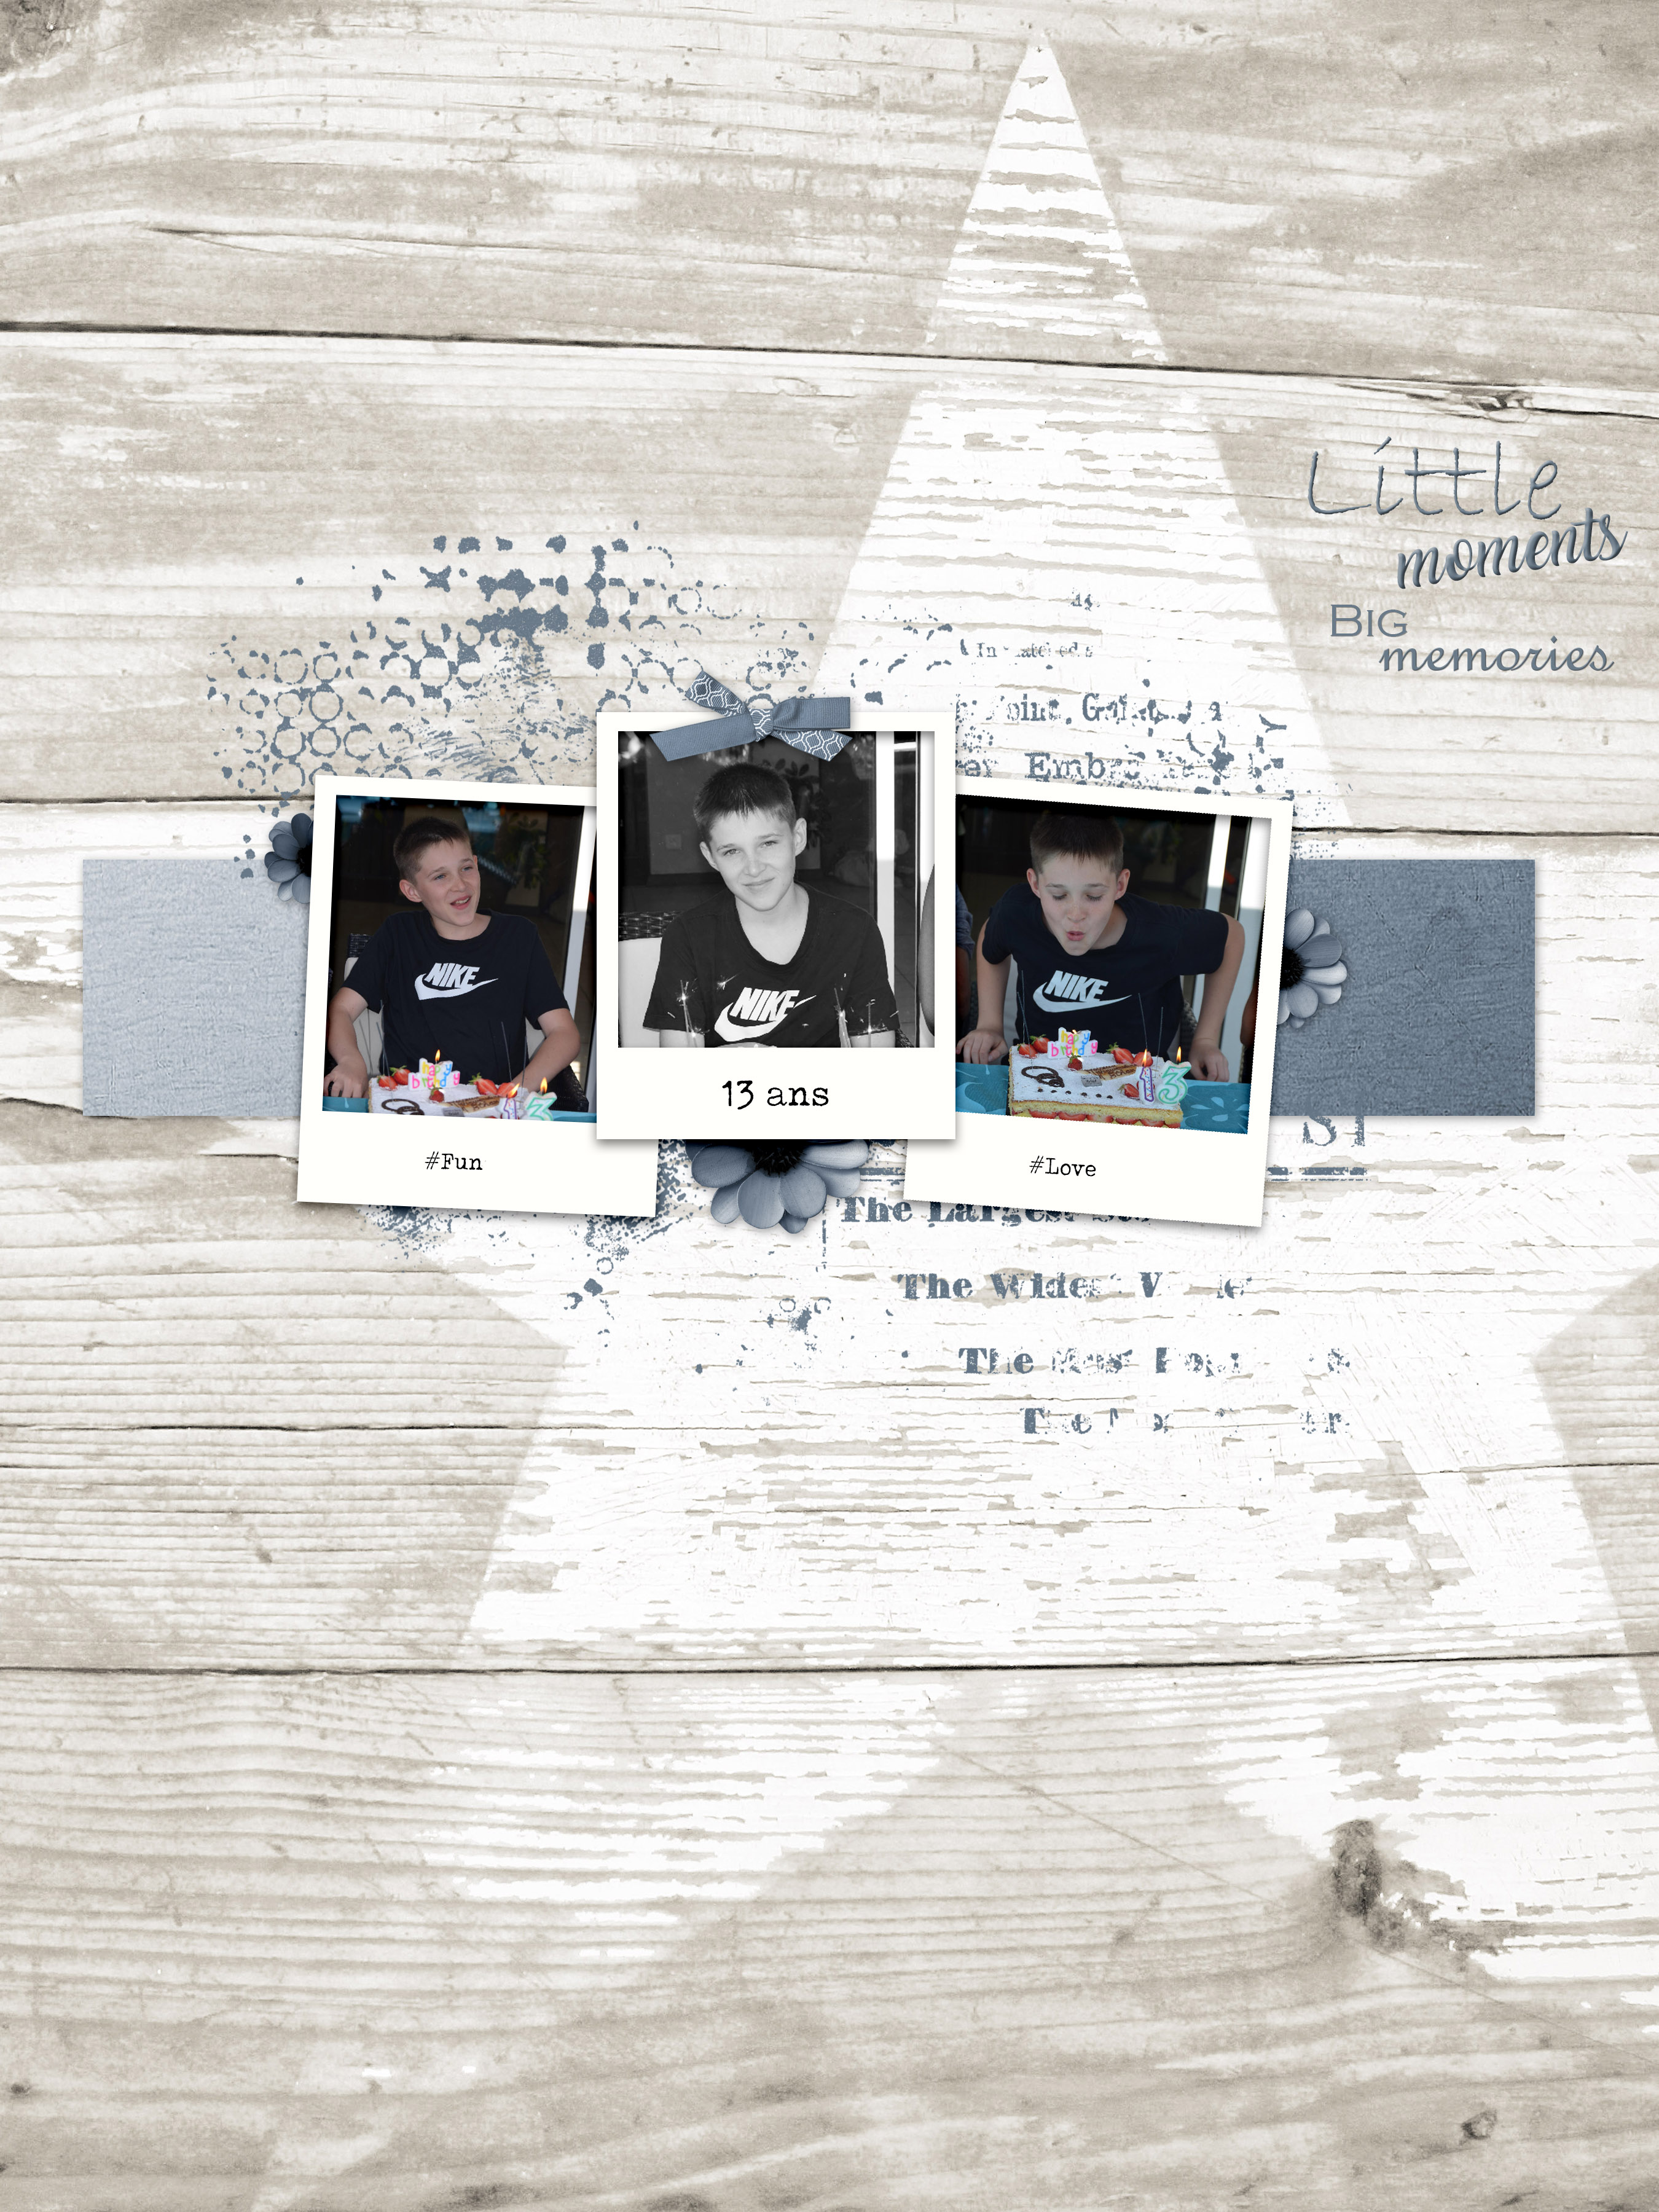 13-ans-Ethan